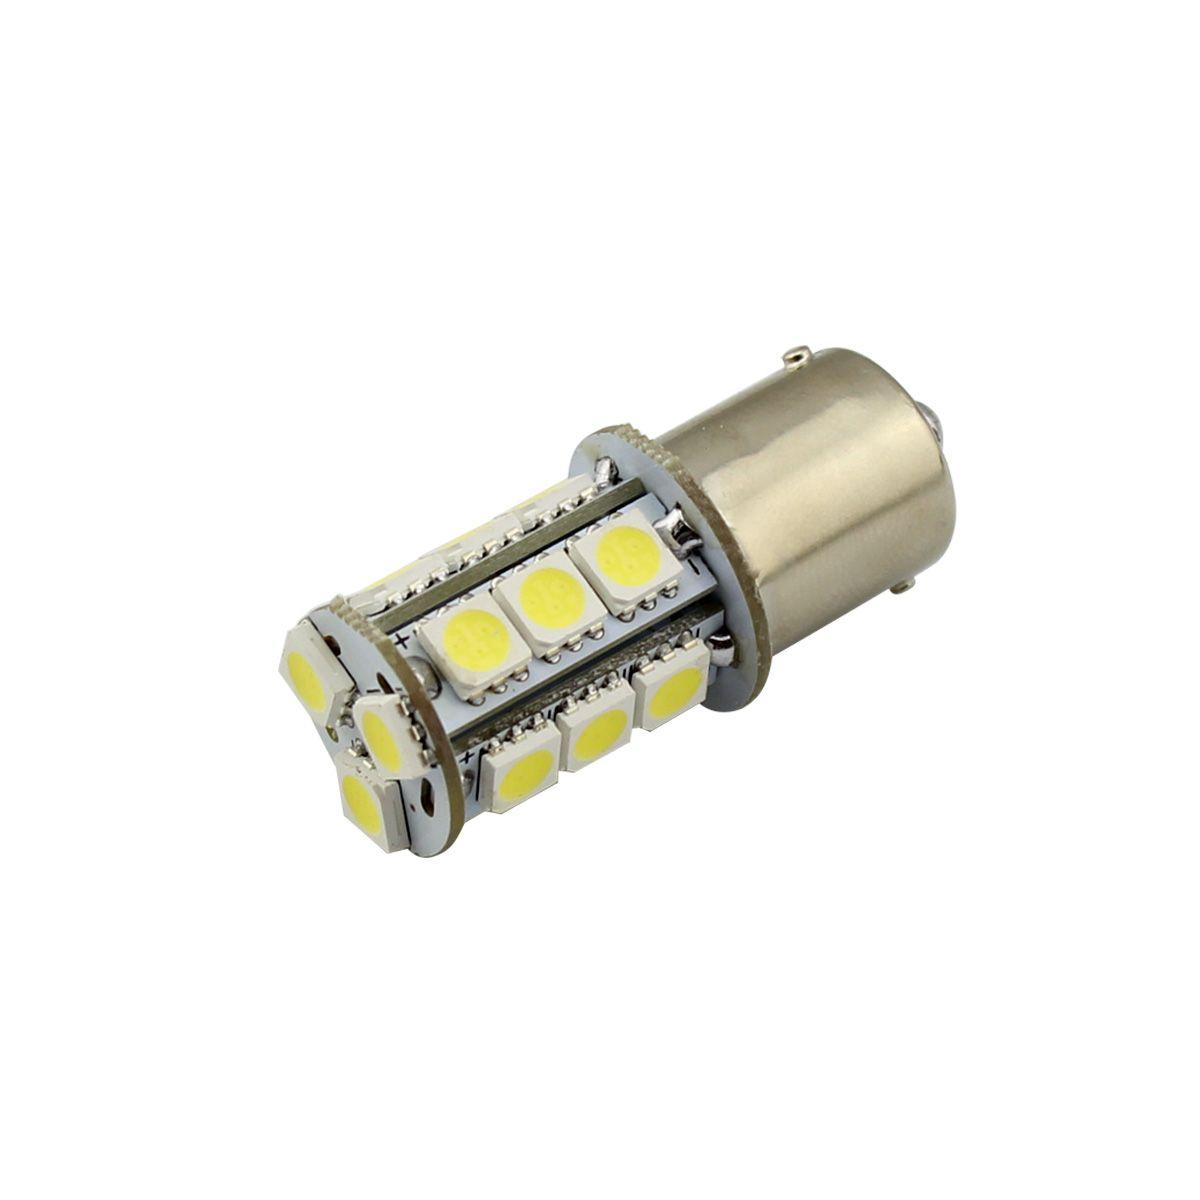 1156 1157 Turn Lights Car Lamp Dc 12 Volt Smd 5050 18leds 3w High